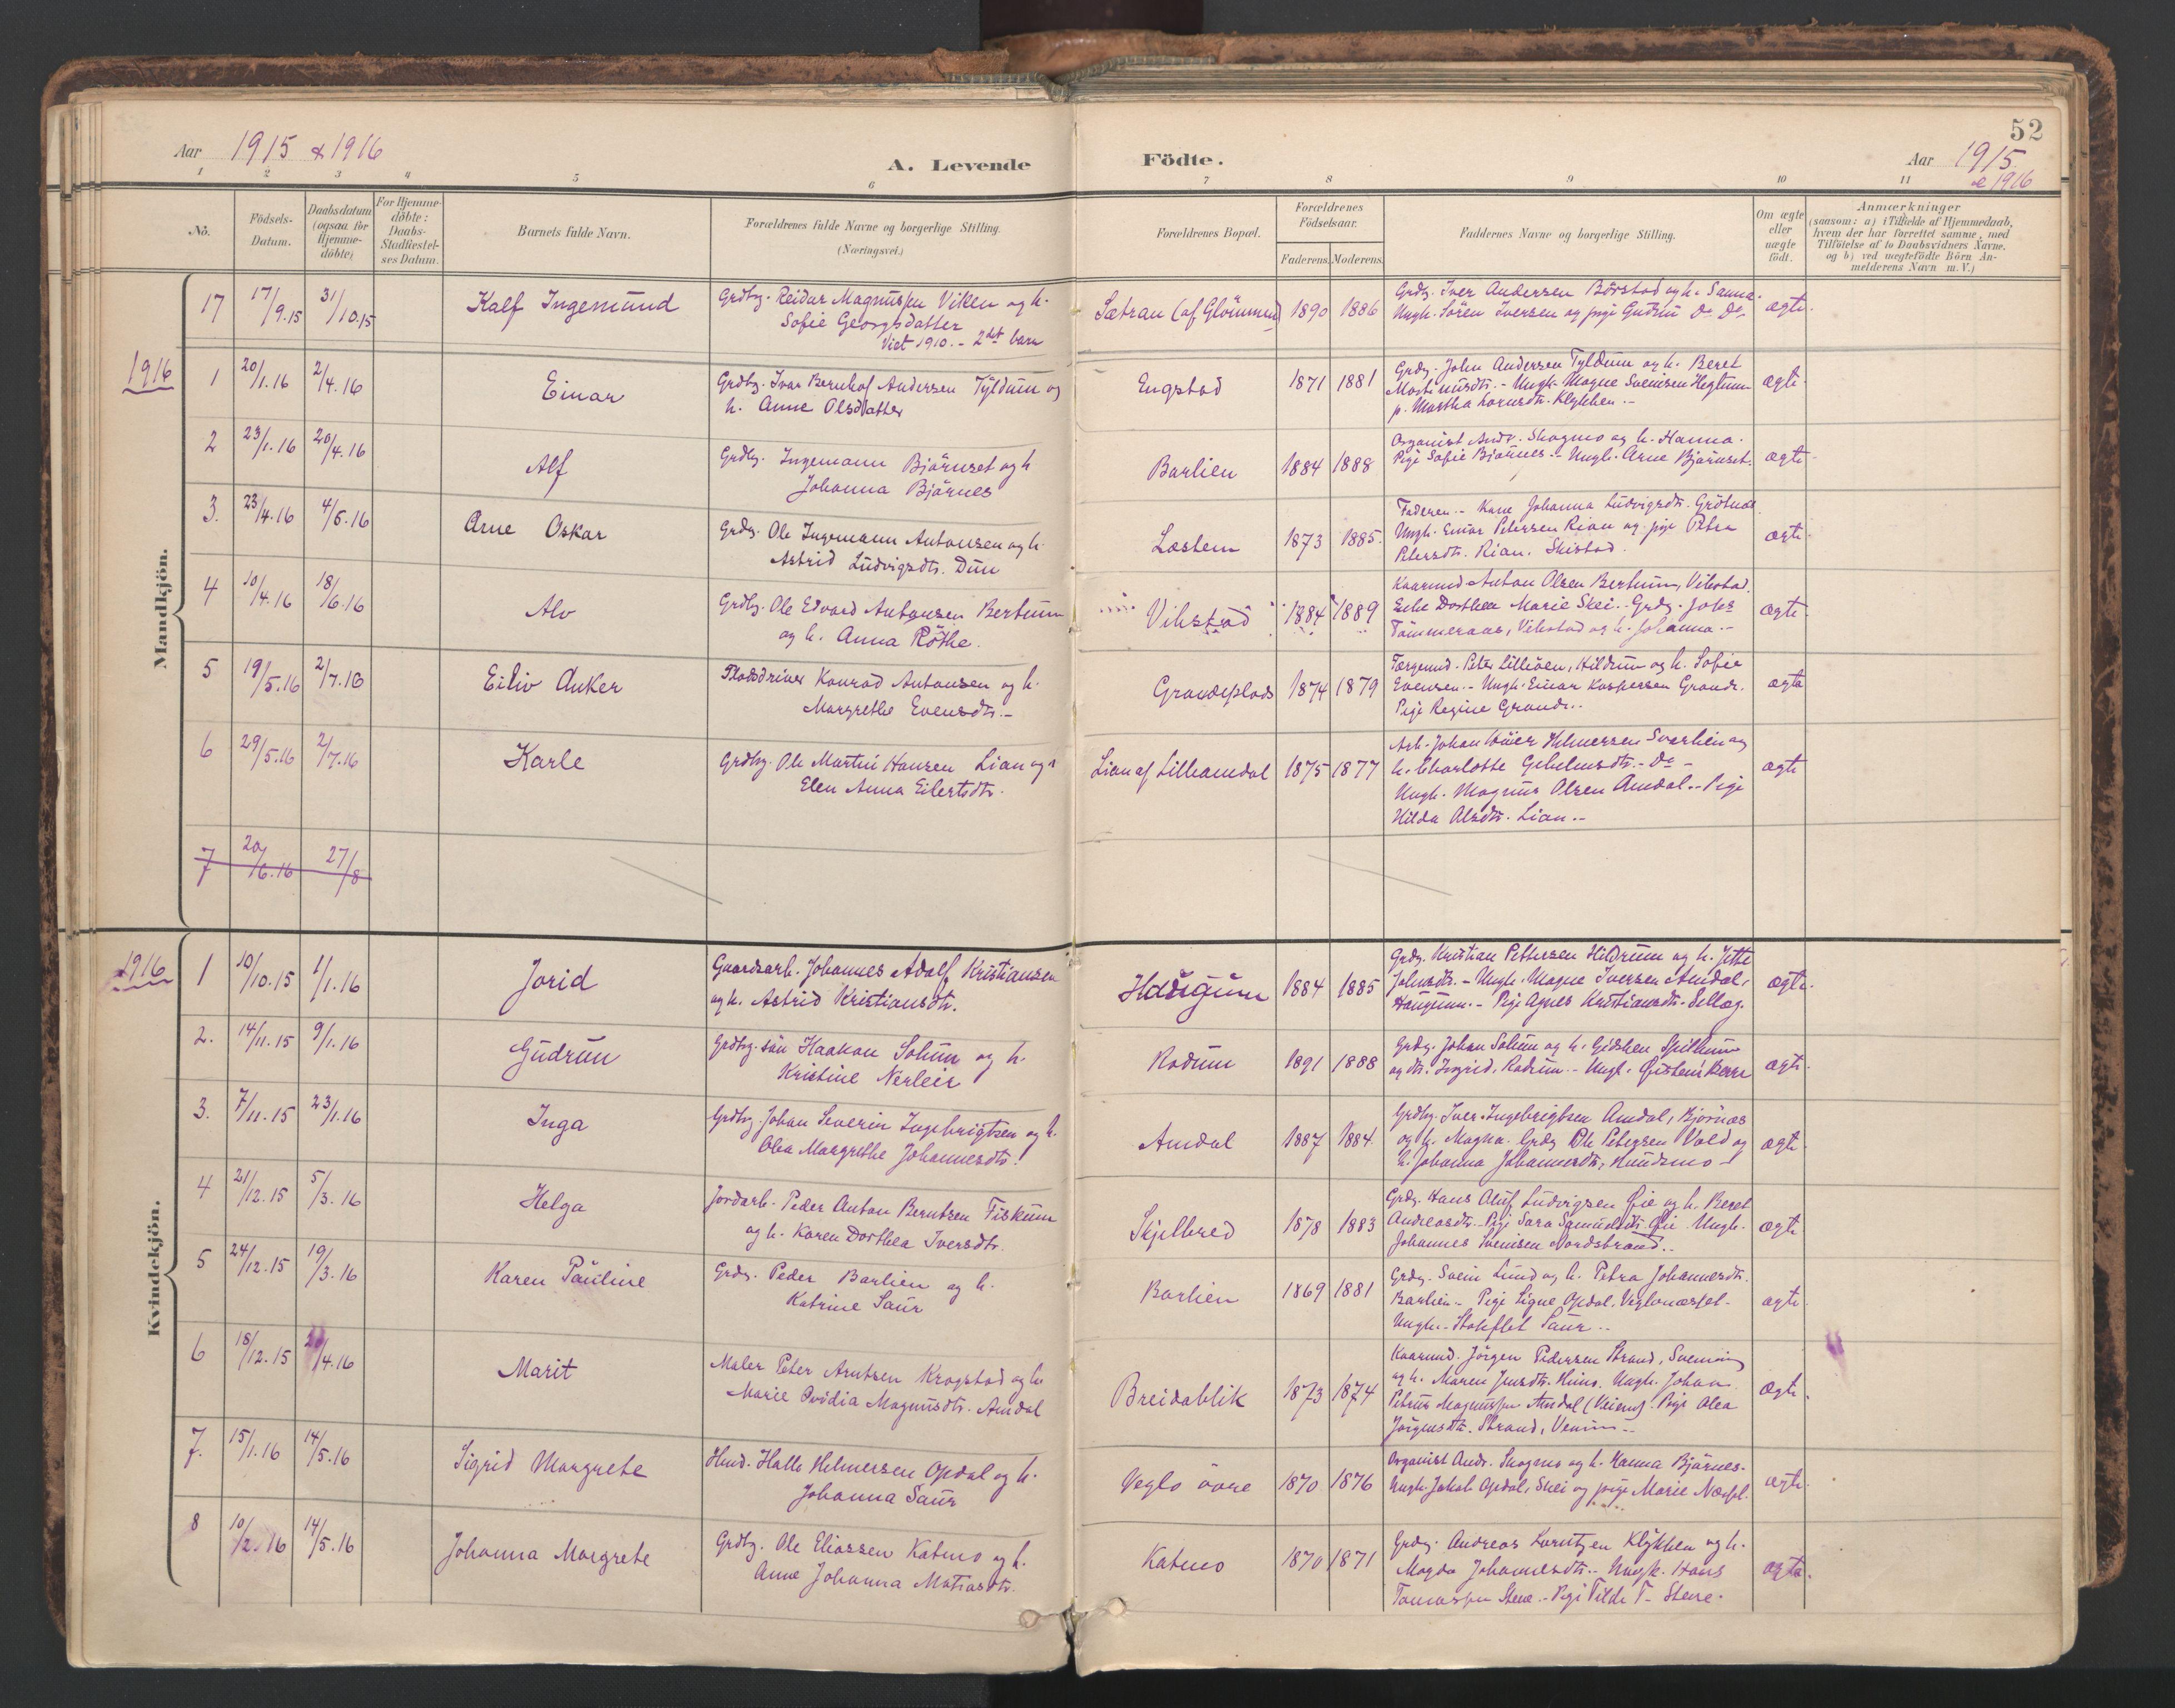 SAT, Ministerialprotokoller, klokkerbøker og fødselsregistre - Nord-Trøndelag, 764/L0556: Ministerialbok nr. 764A11, 1897-1924, s. 52